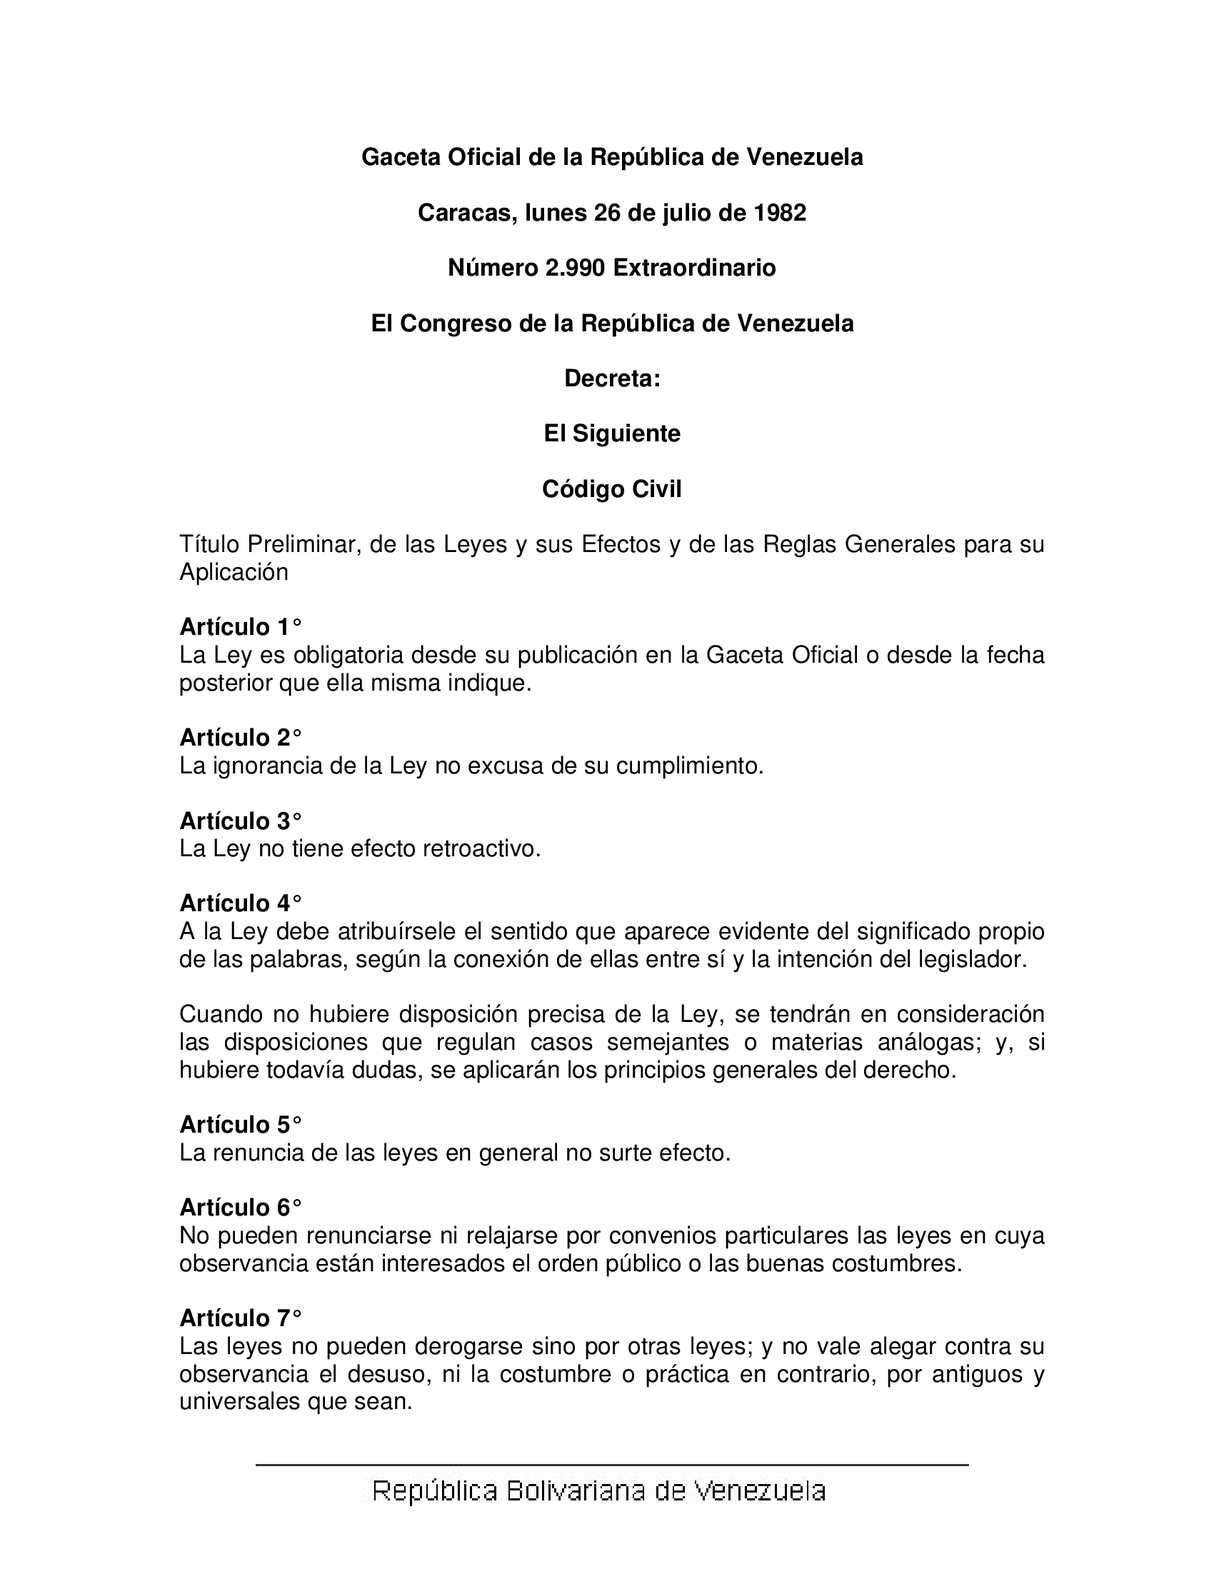 Bonito CapÃtulo 6 Sección 3 Sufragio Y Los Derechos Civiles De Hoja ...